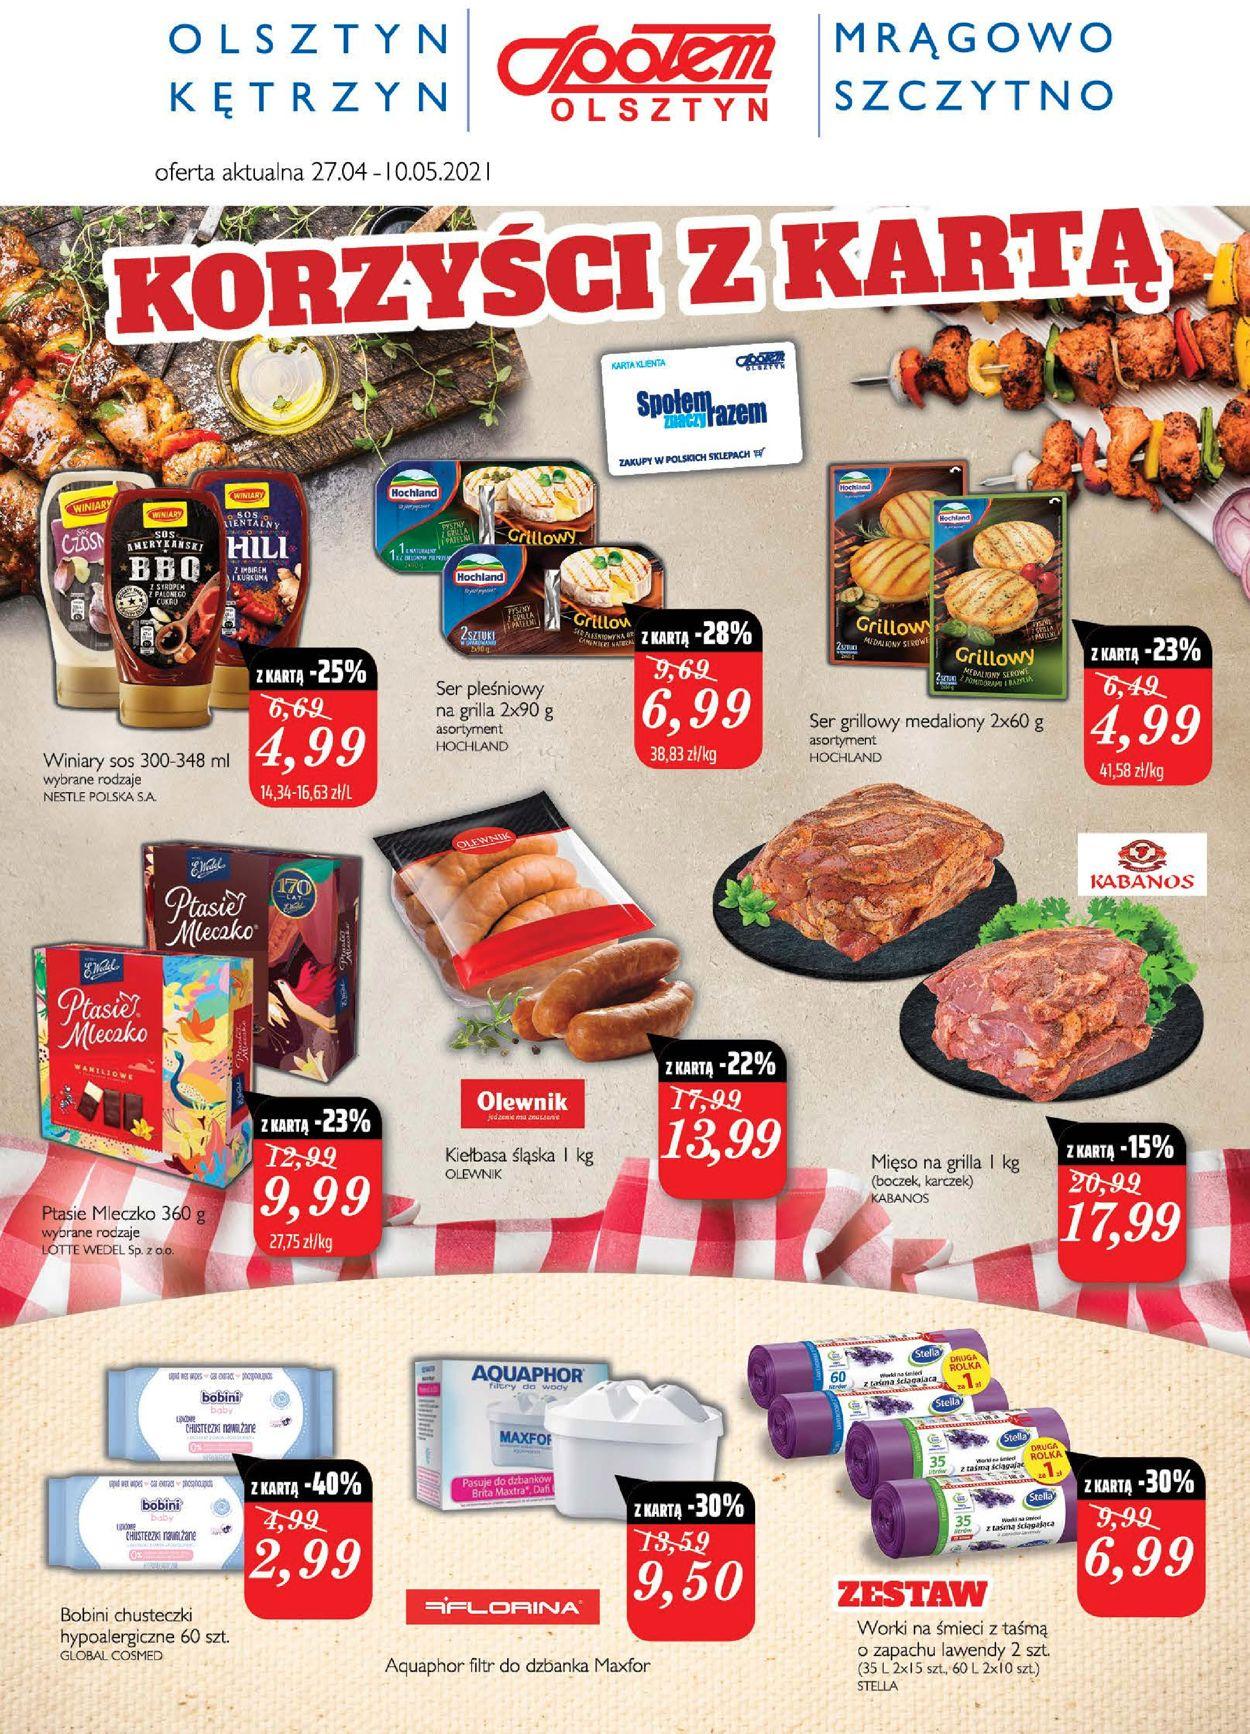 Gazetka promocyjna Społem - 27.04-10.05.2021